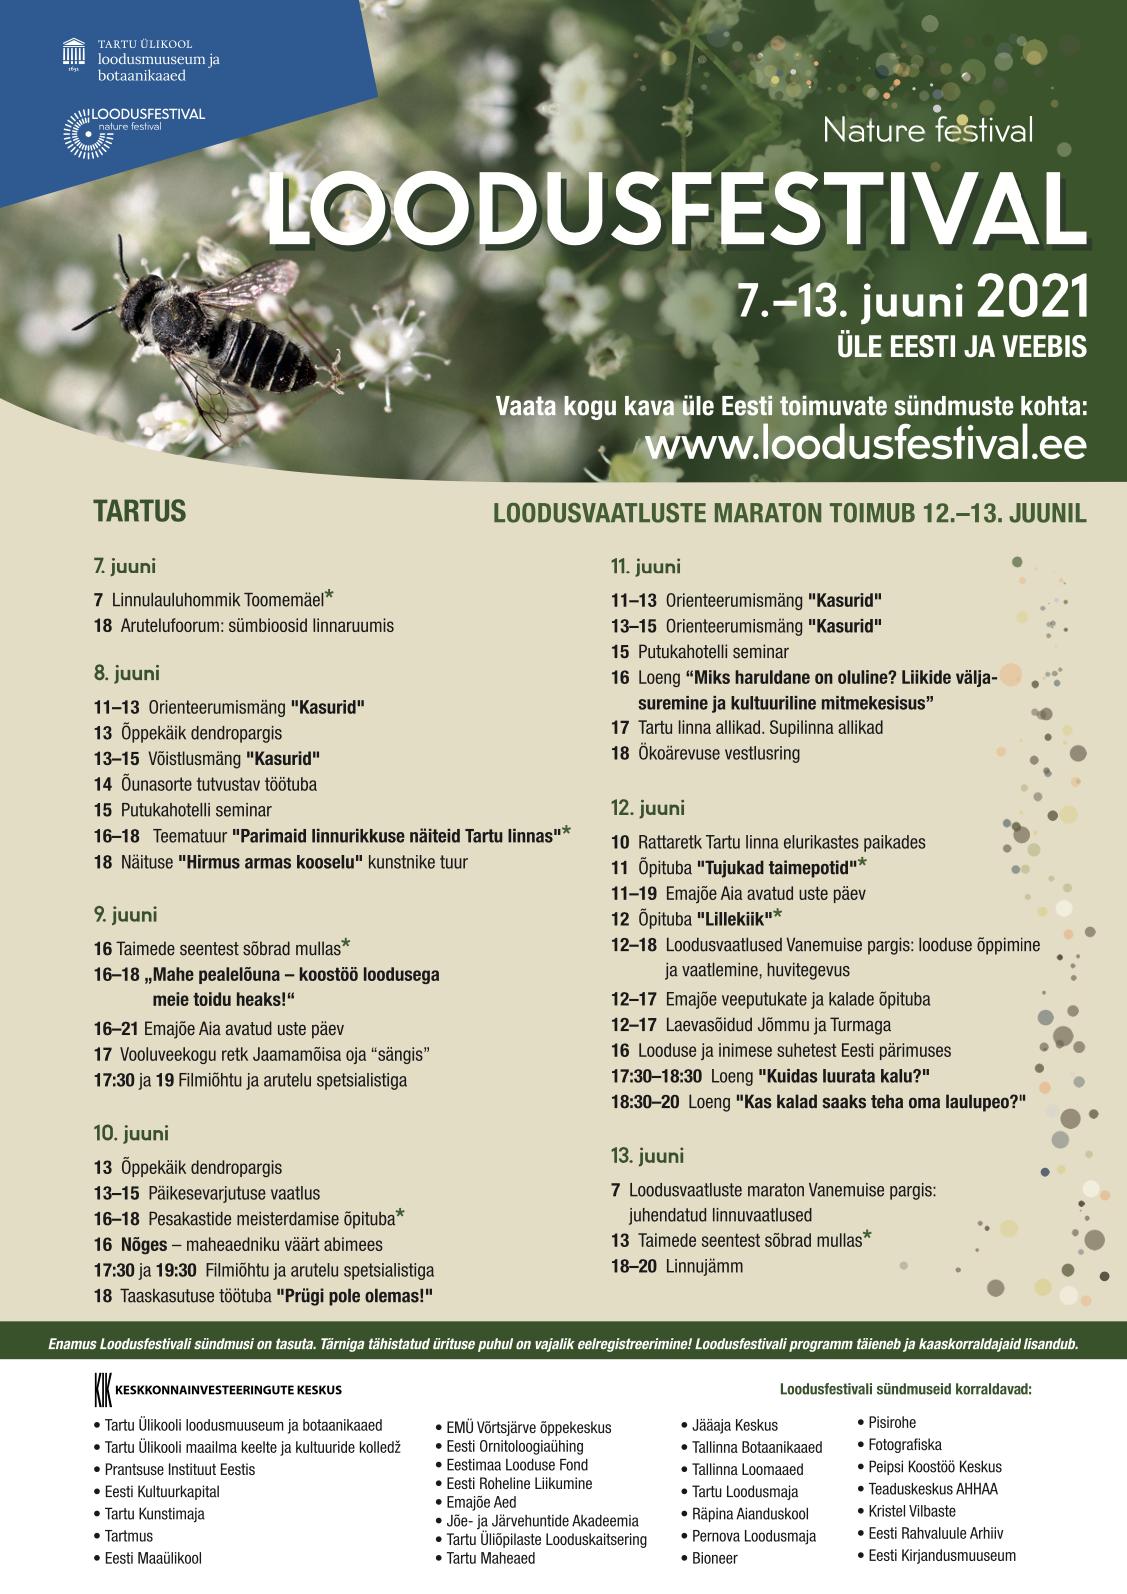 Loodusfestivali kava 2020